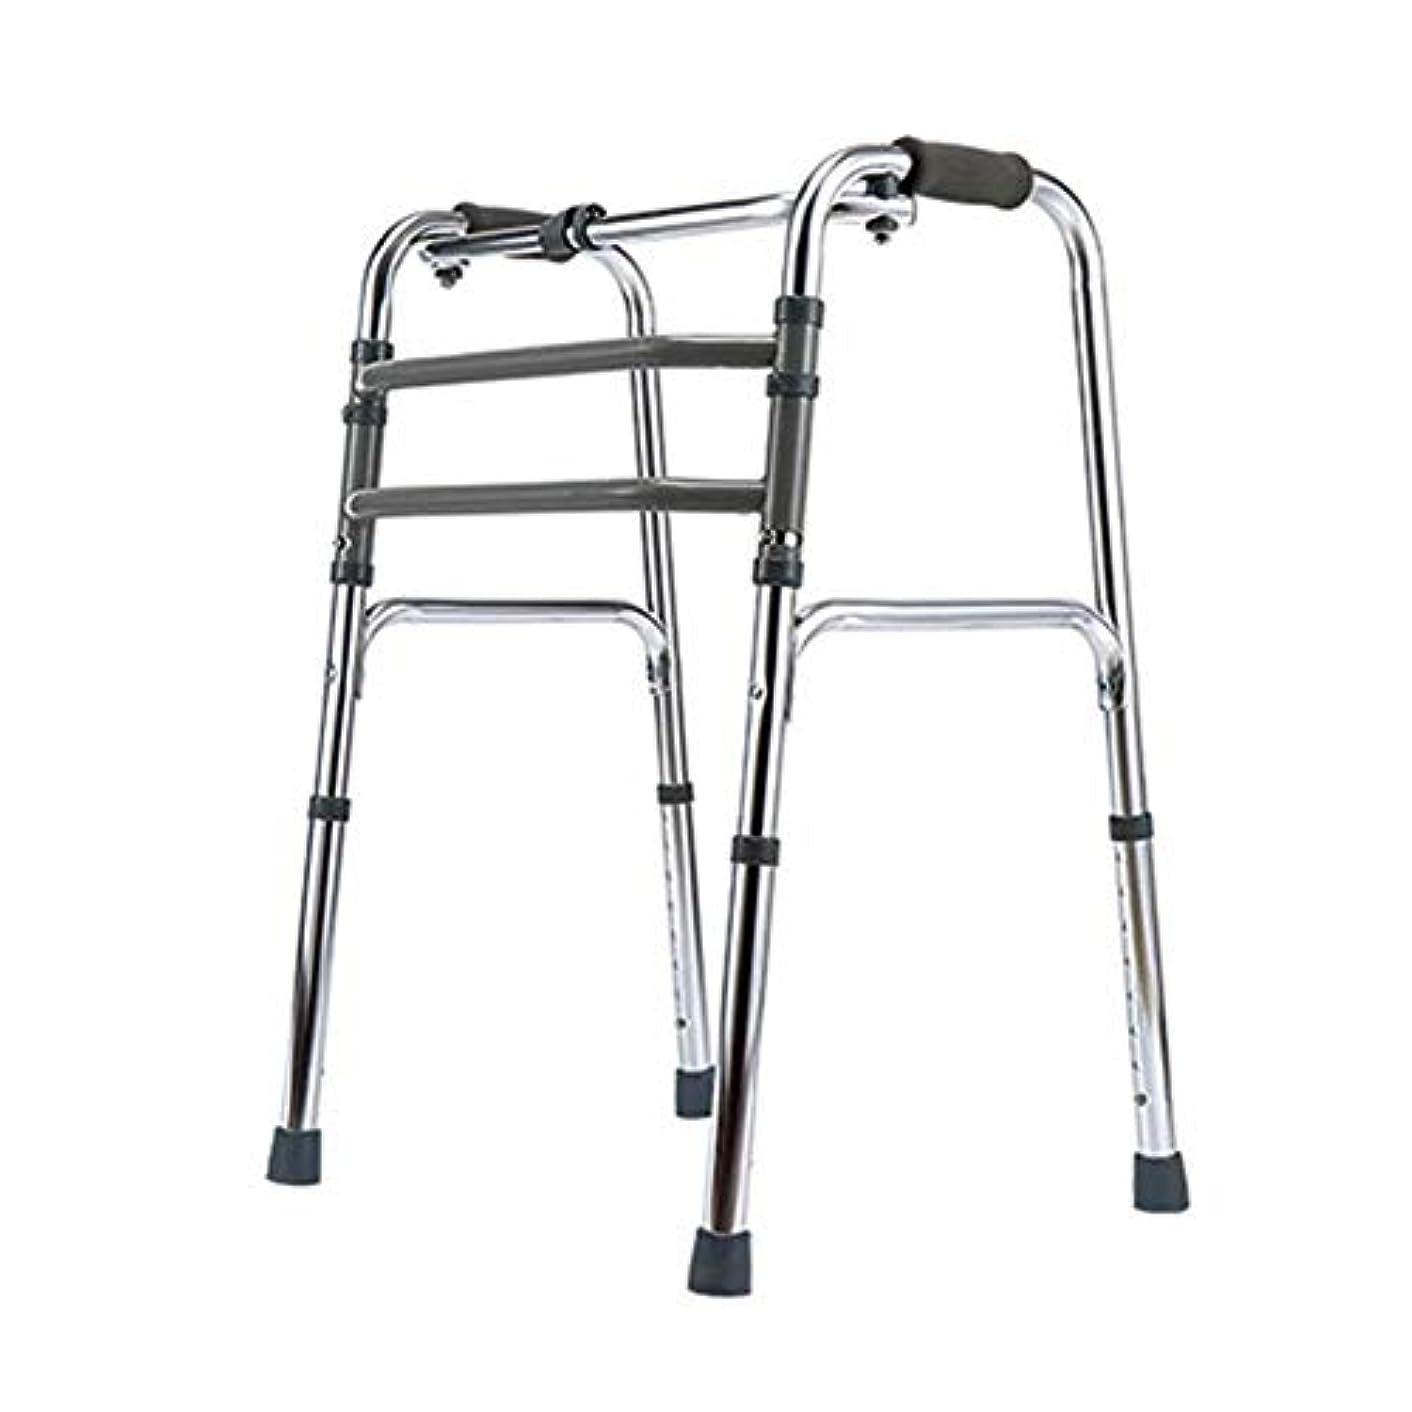 便利妊娠した動力学折る歩くフレーム、軽量の高さの調節可能な歩行者のアルミニウム歩くフレーム